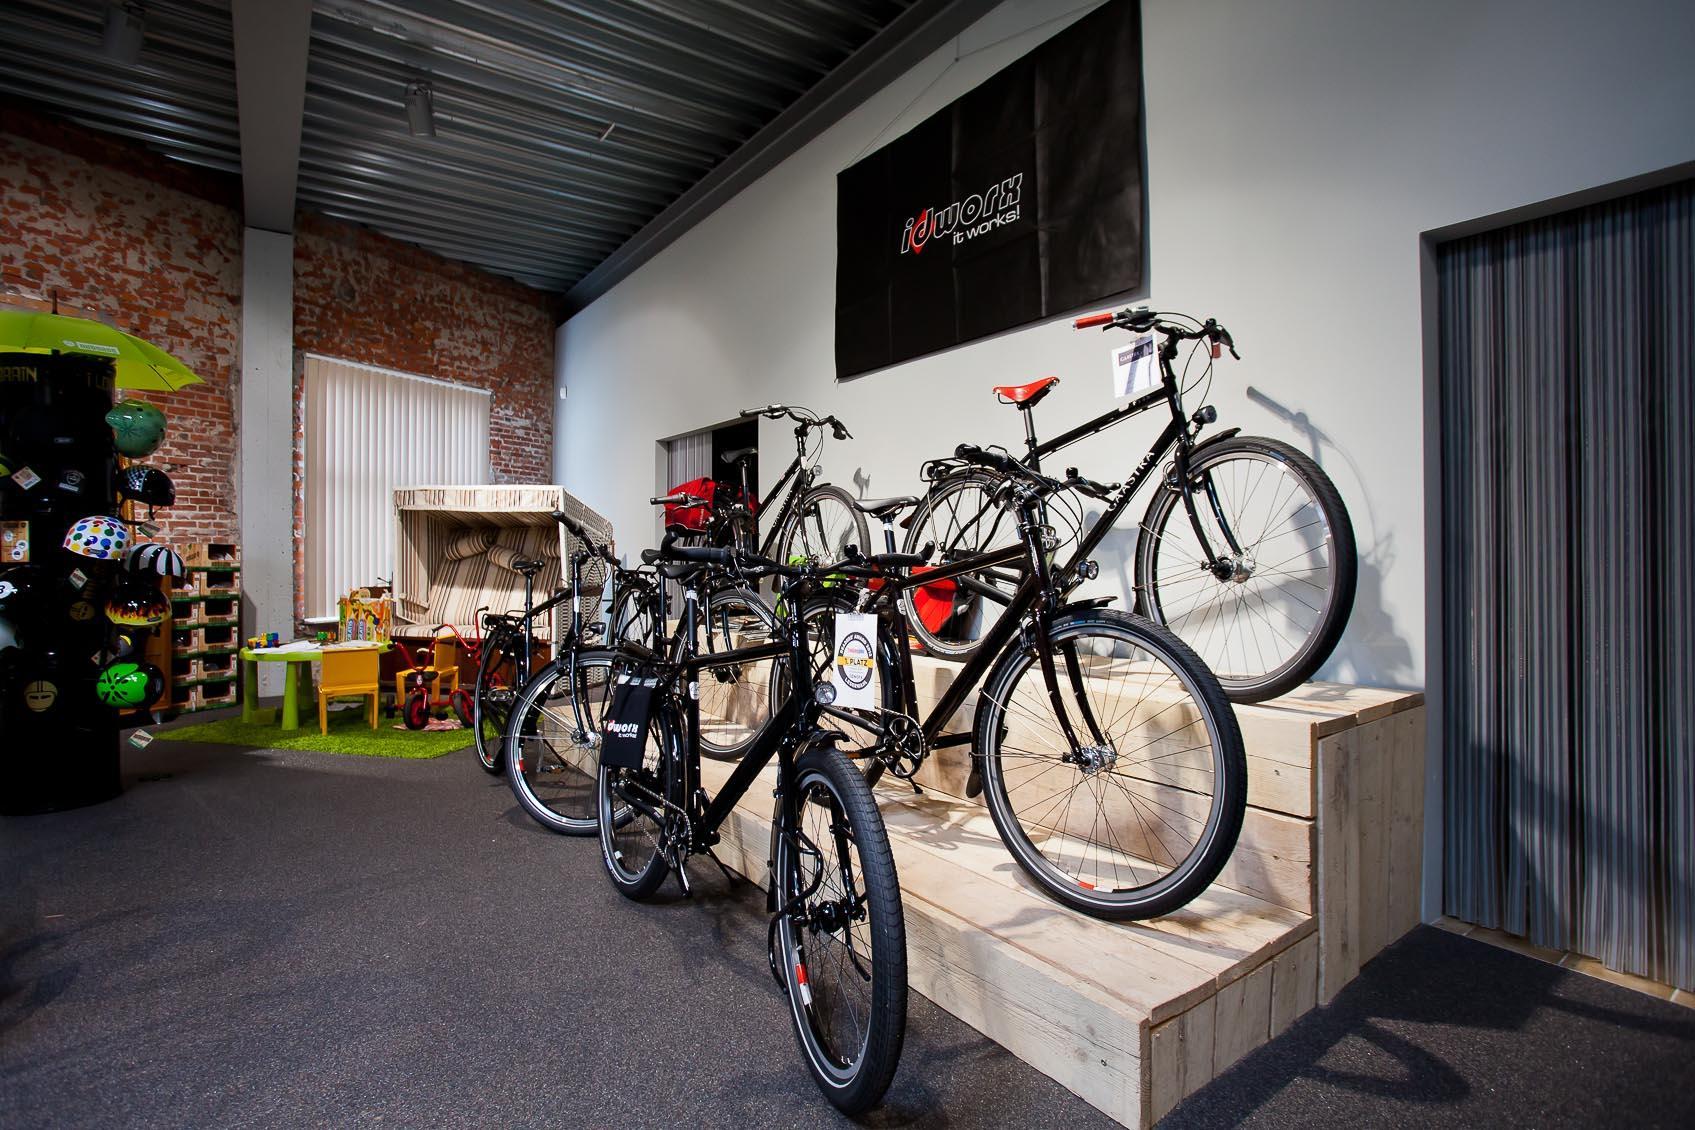 Lichtadvies voor fietsen winkel door lichthuis mol geeft juiste uitstraling